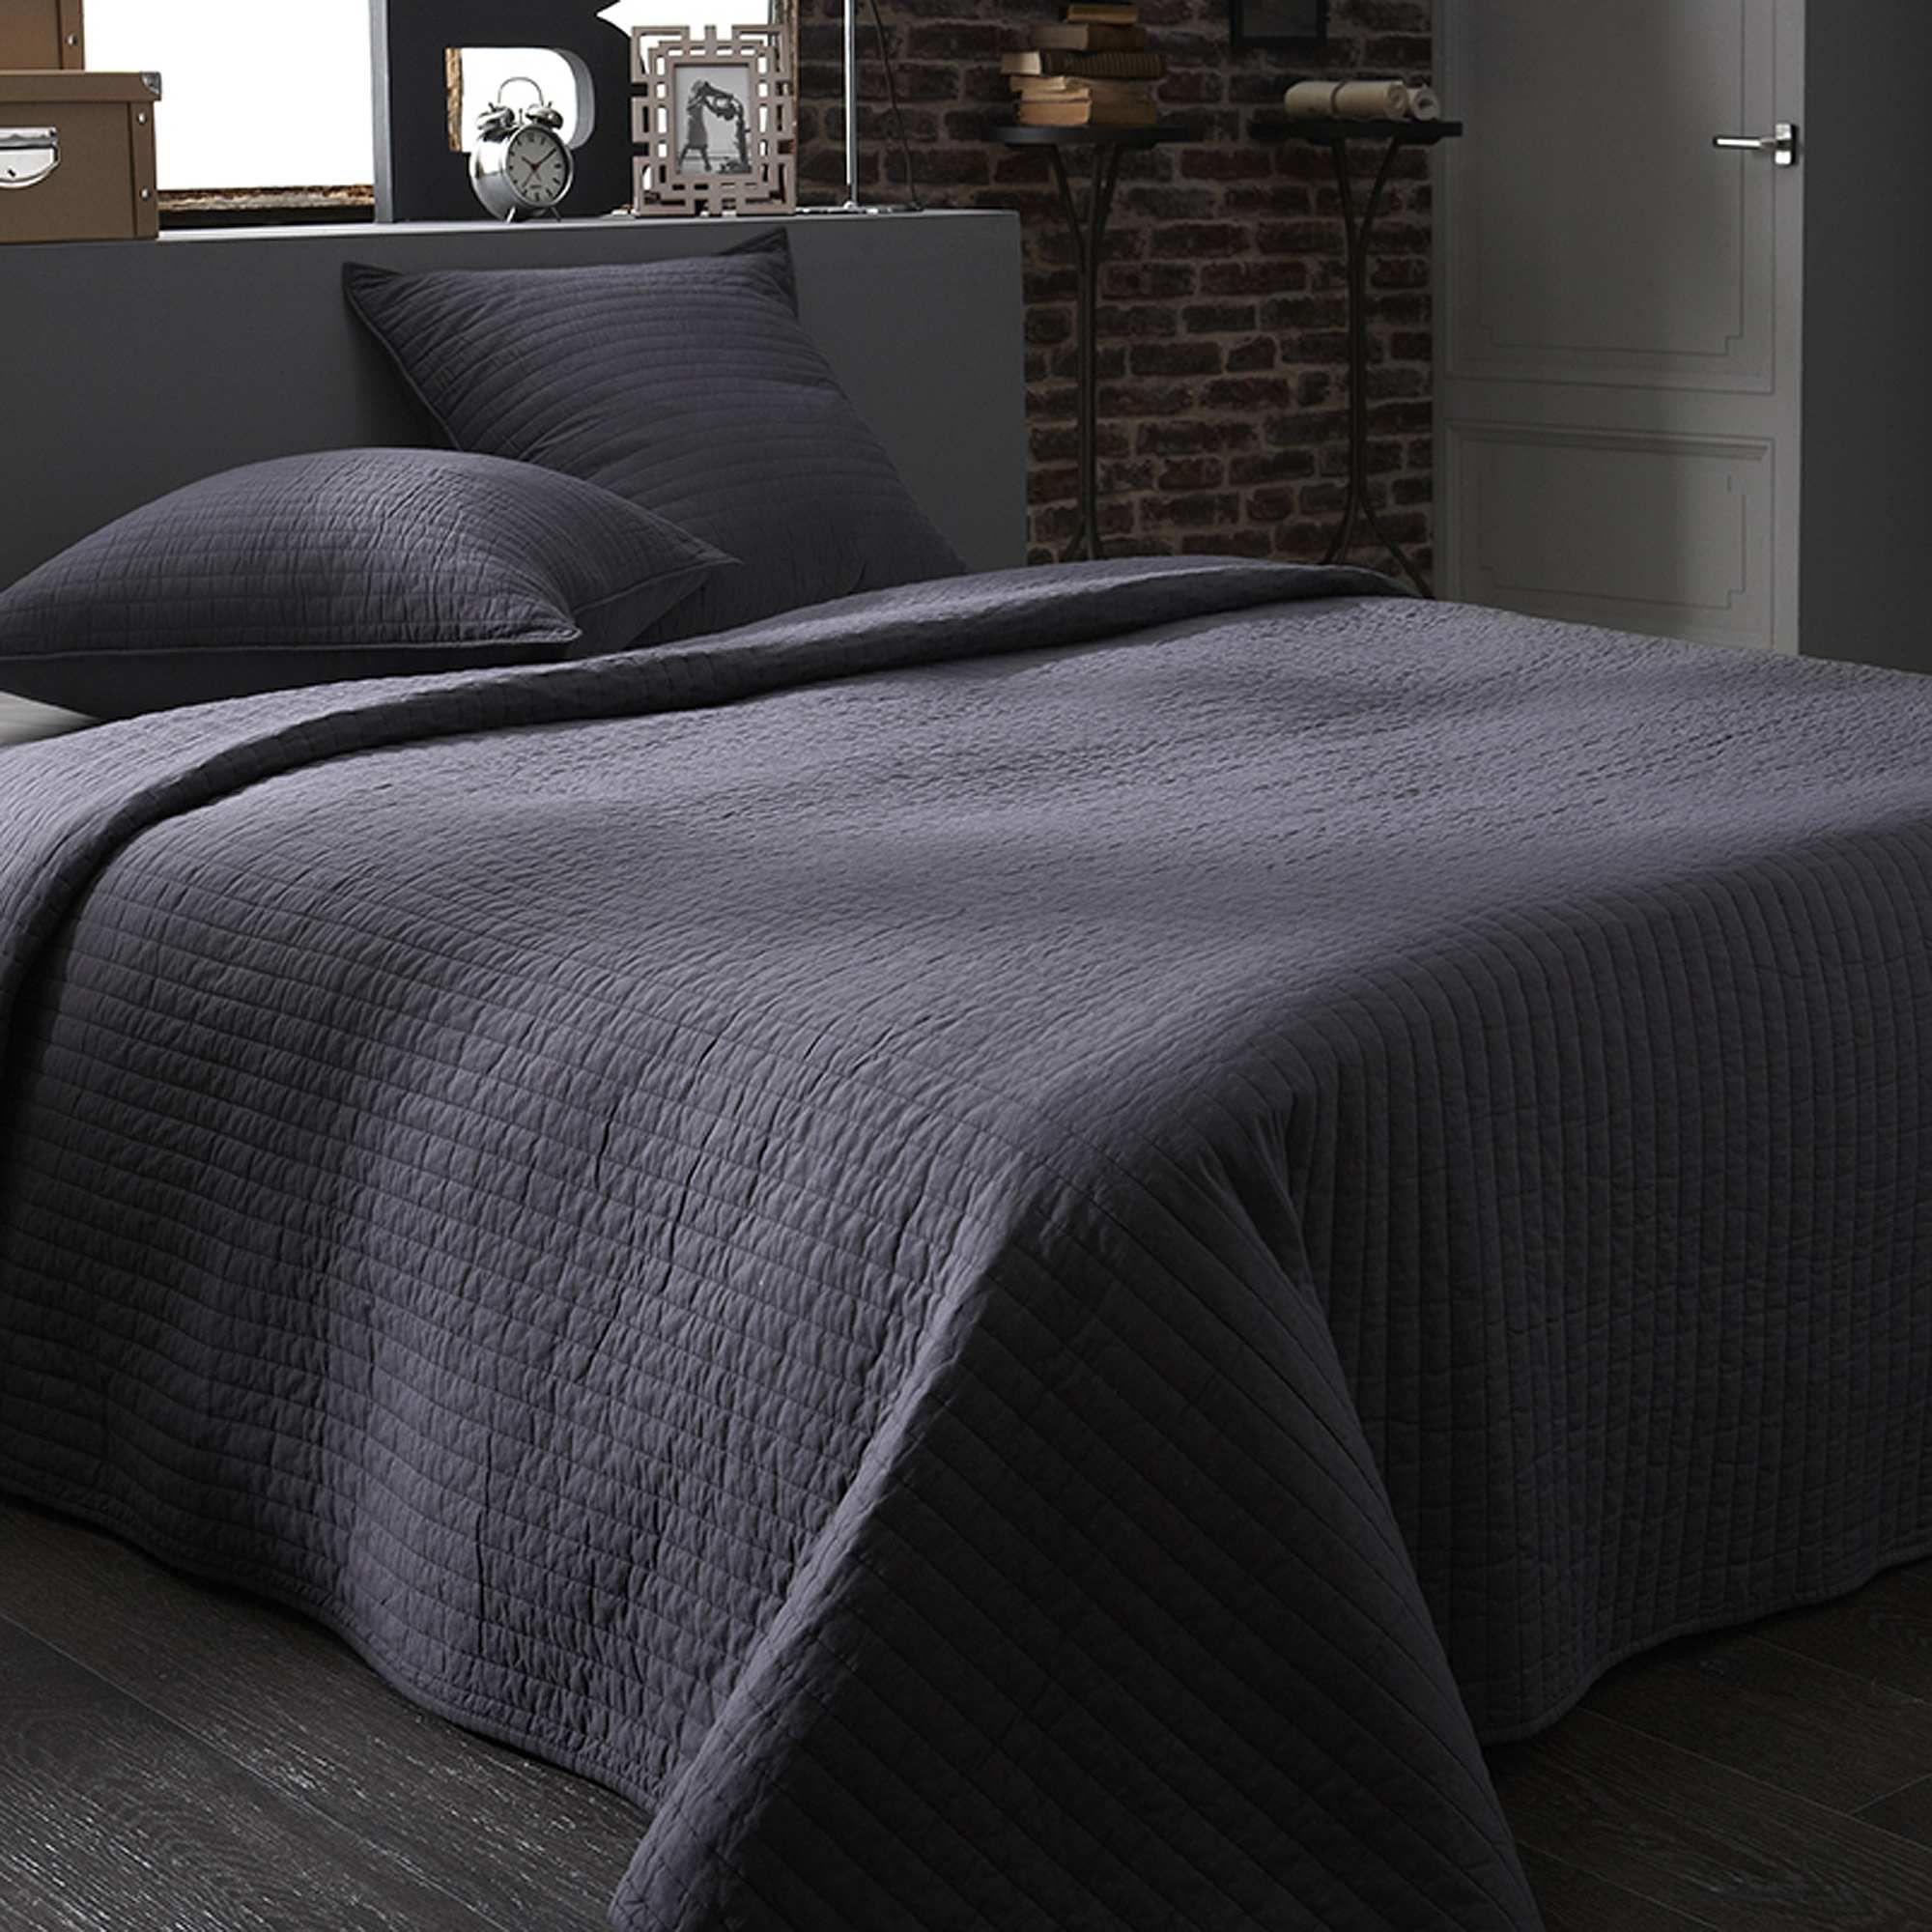 couvre lit boutis promo Couvre lit boutis gris Linge de lit  Plus de codes promo chez   couvre lit boutis promo